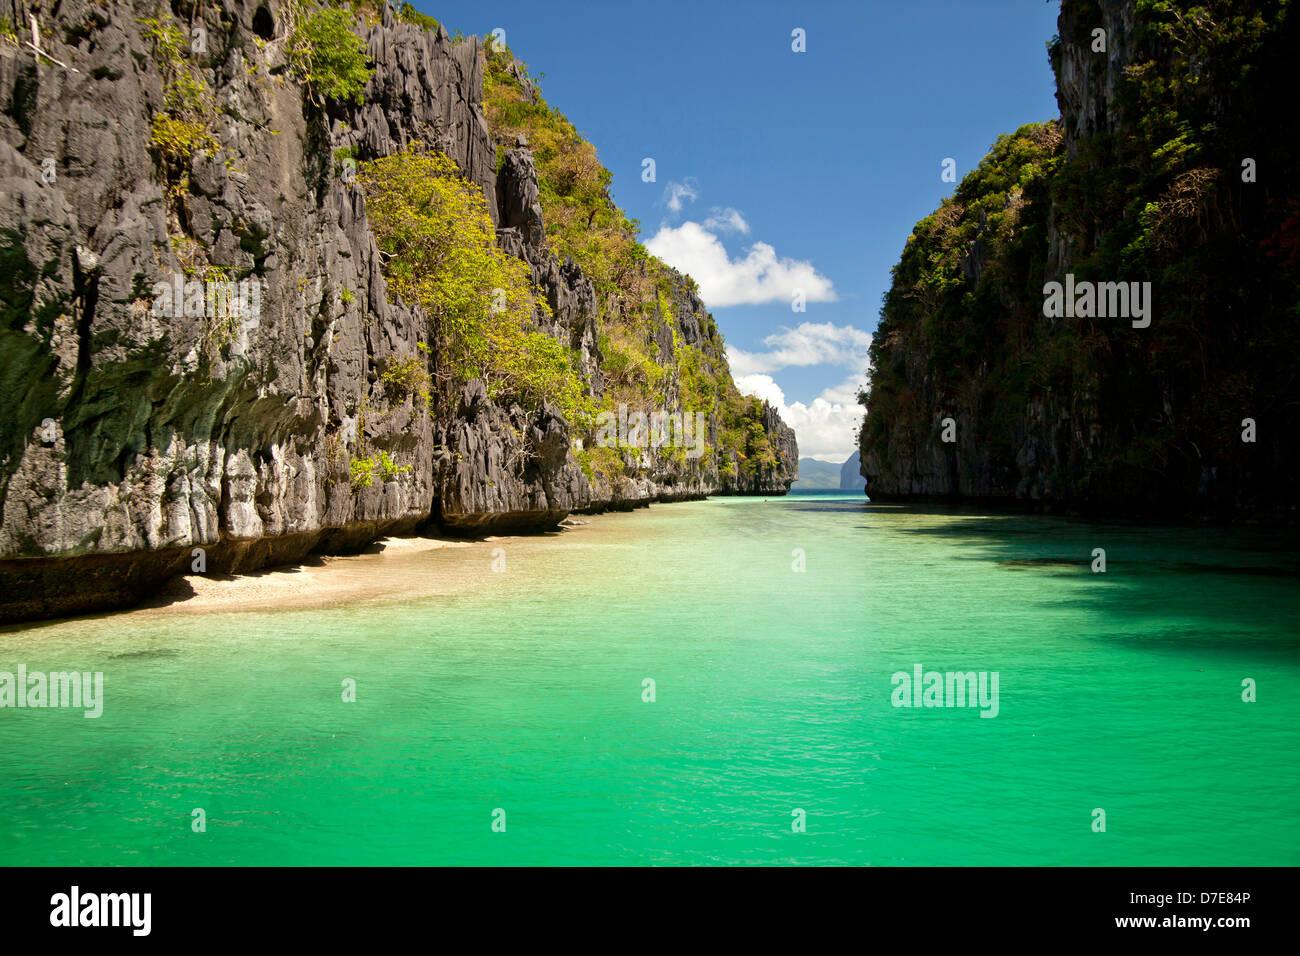 Big Lagoon Of Miniloc Island El Nido Palawan Philippines